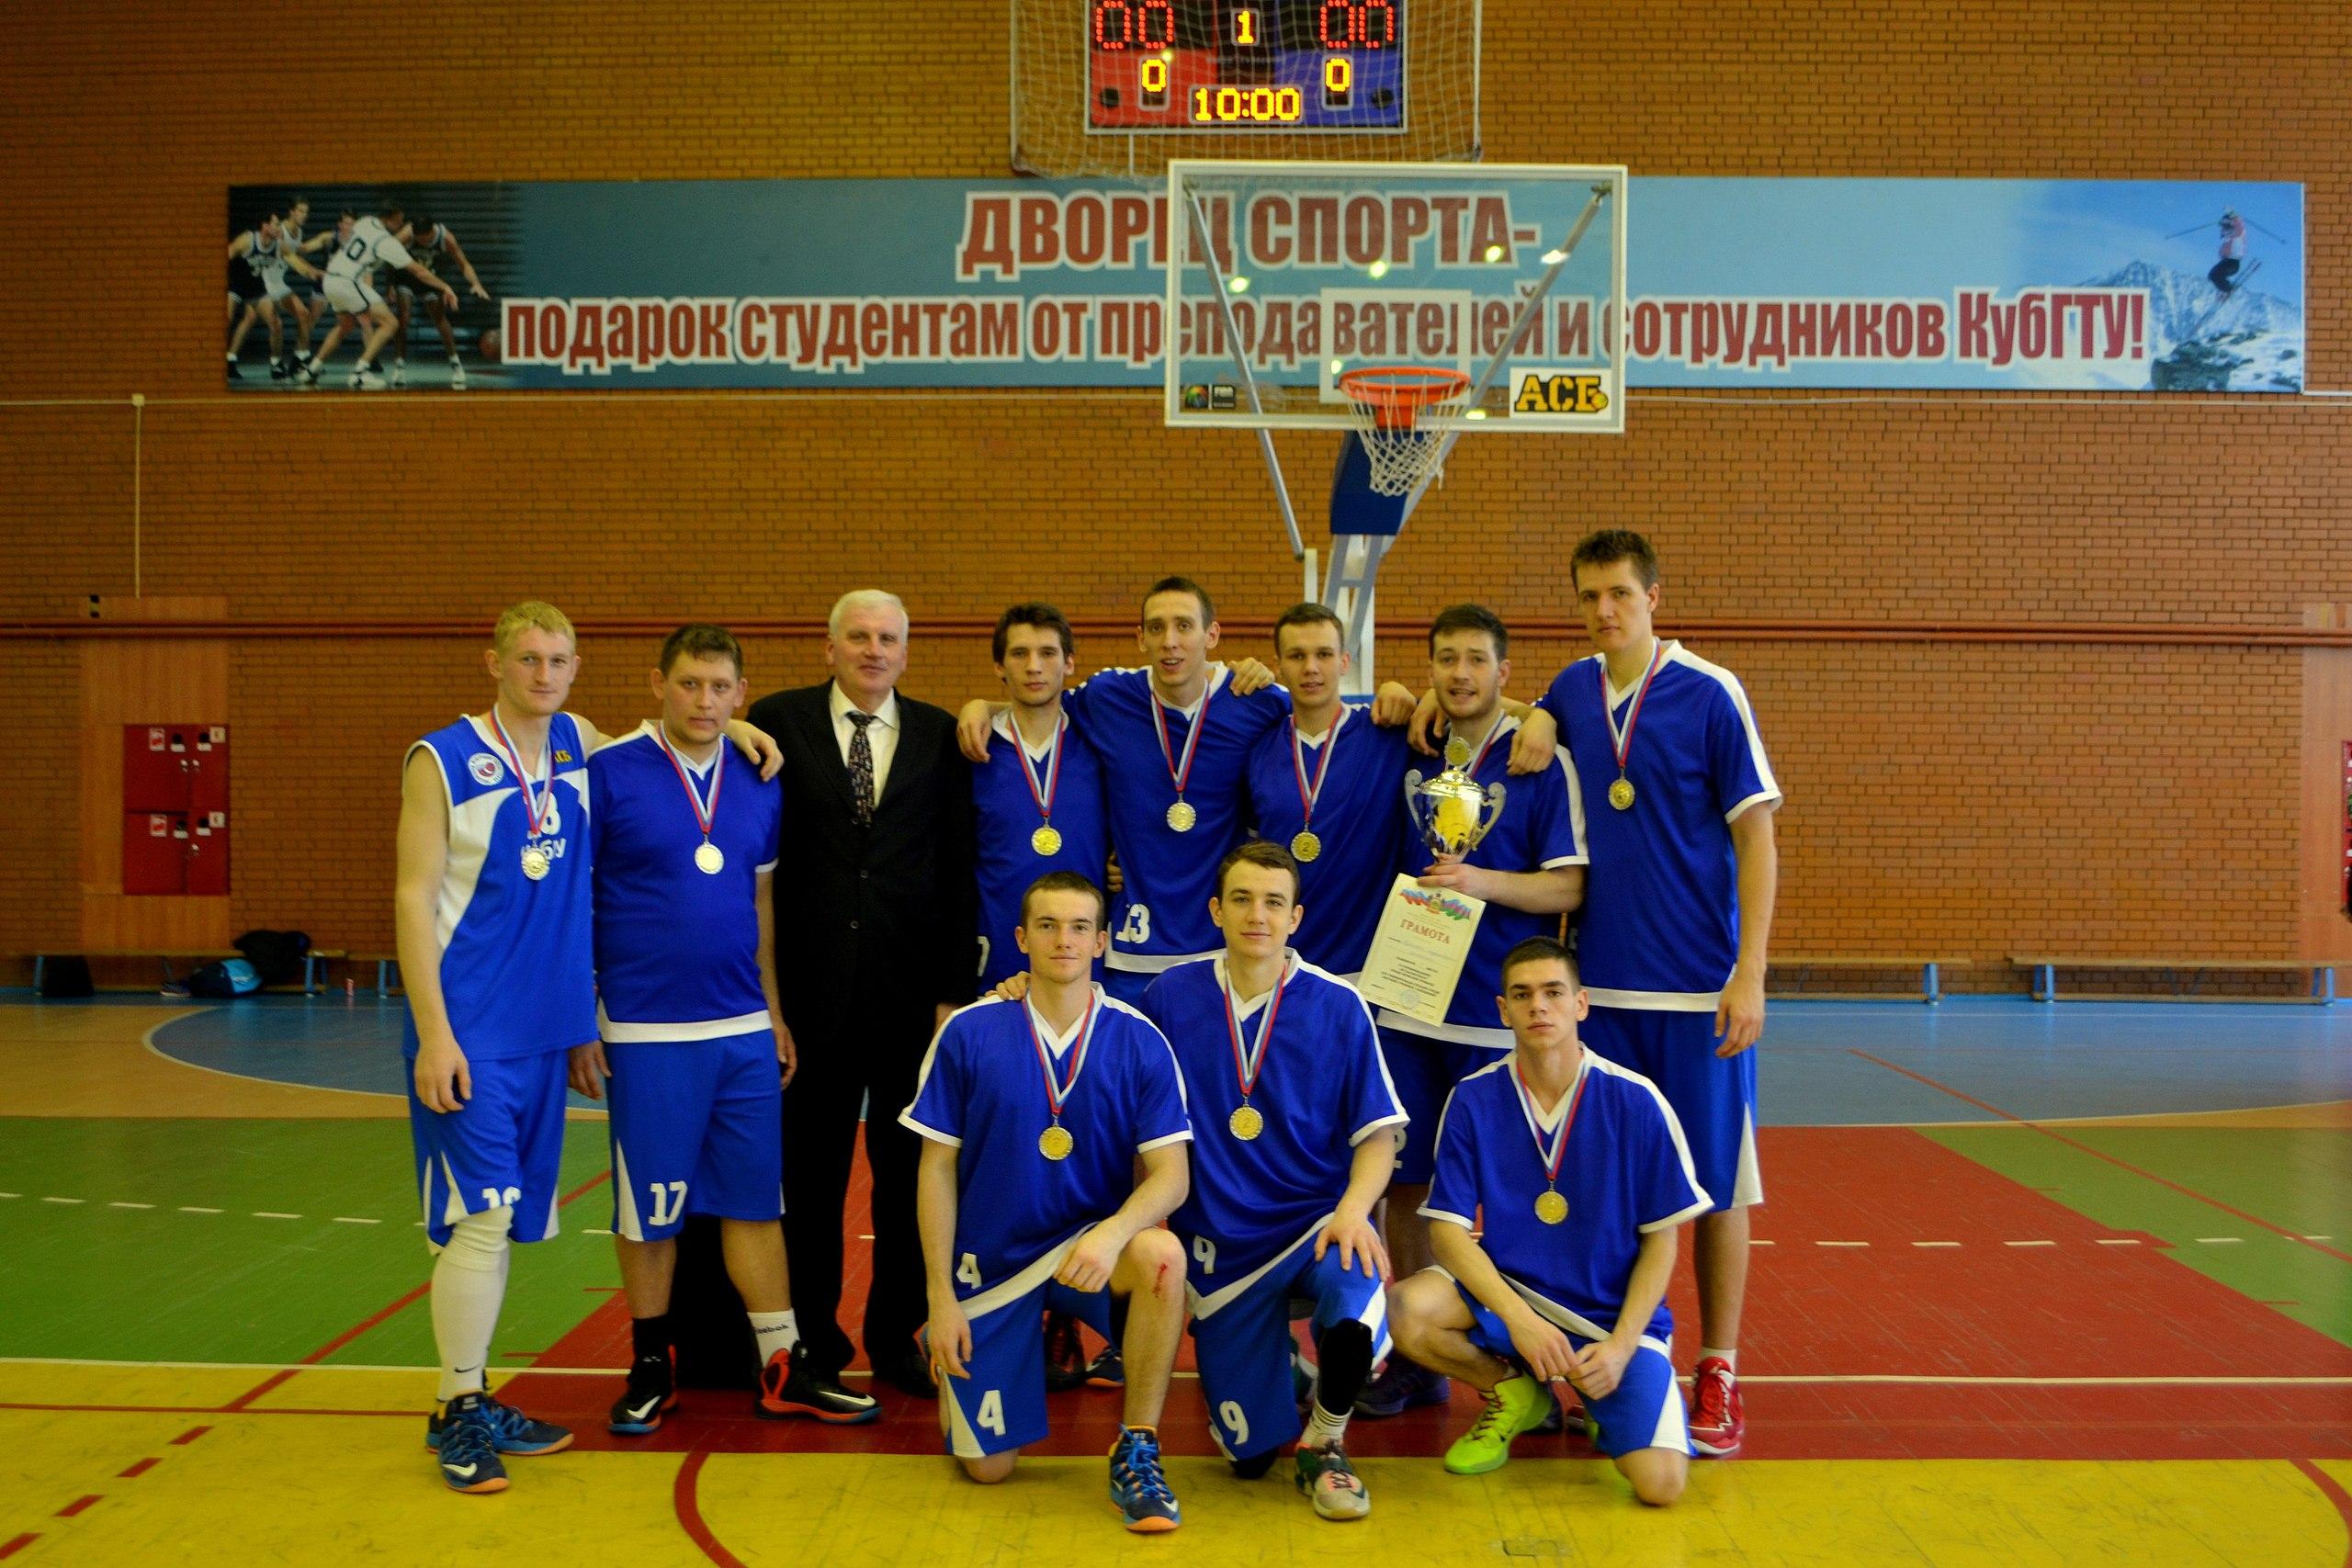 Универсиада Кубани баскетбол 2015 команда КубГУ